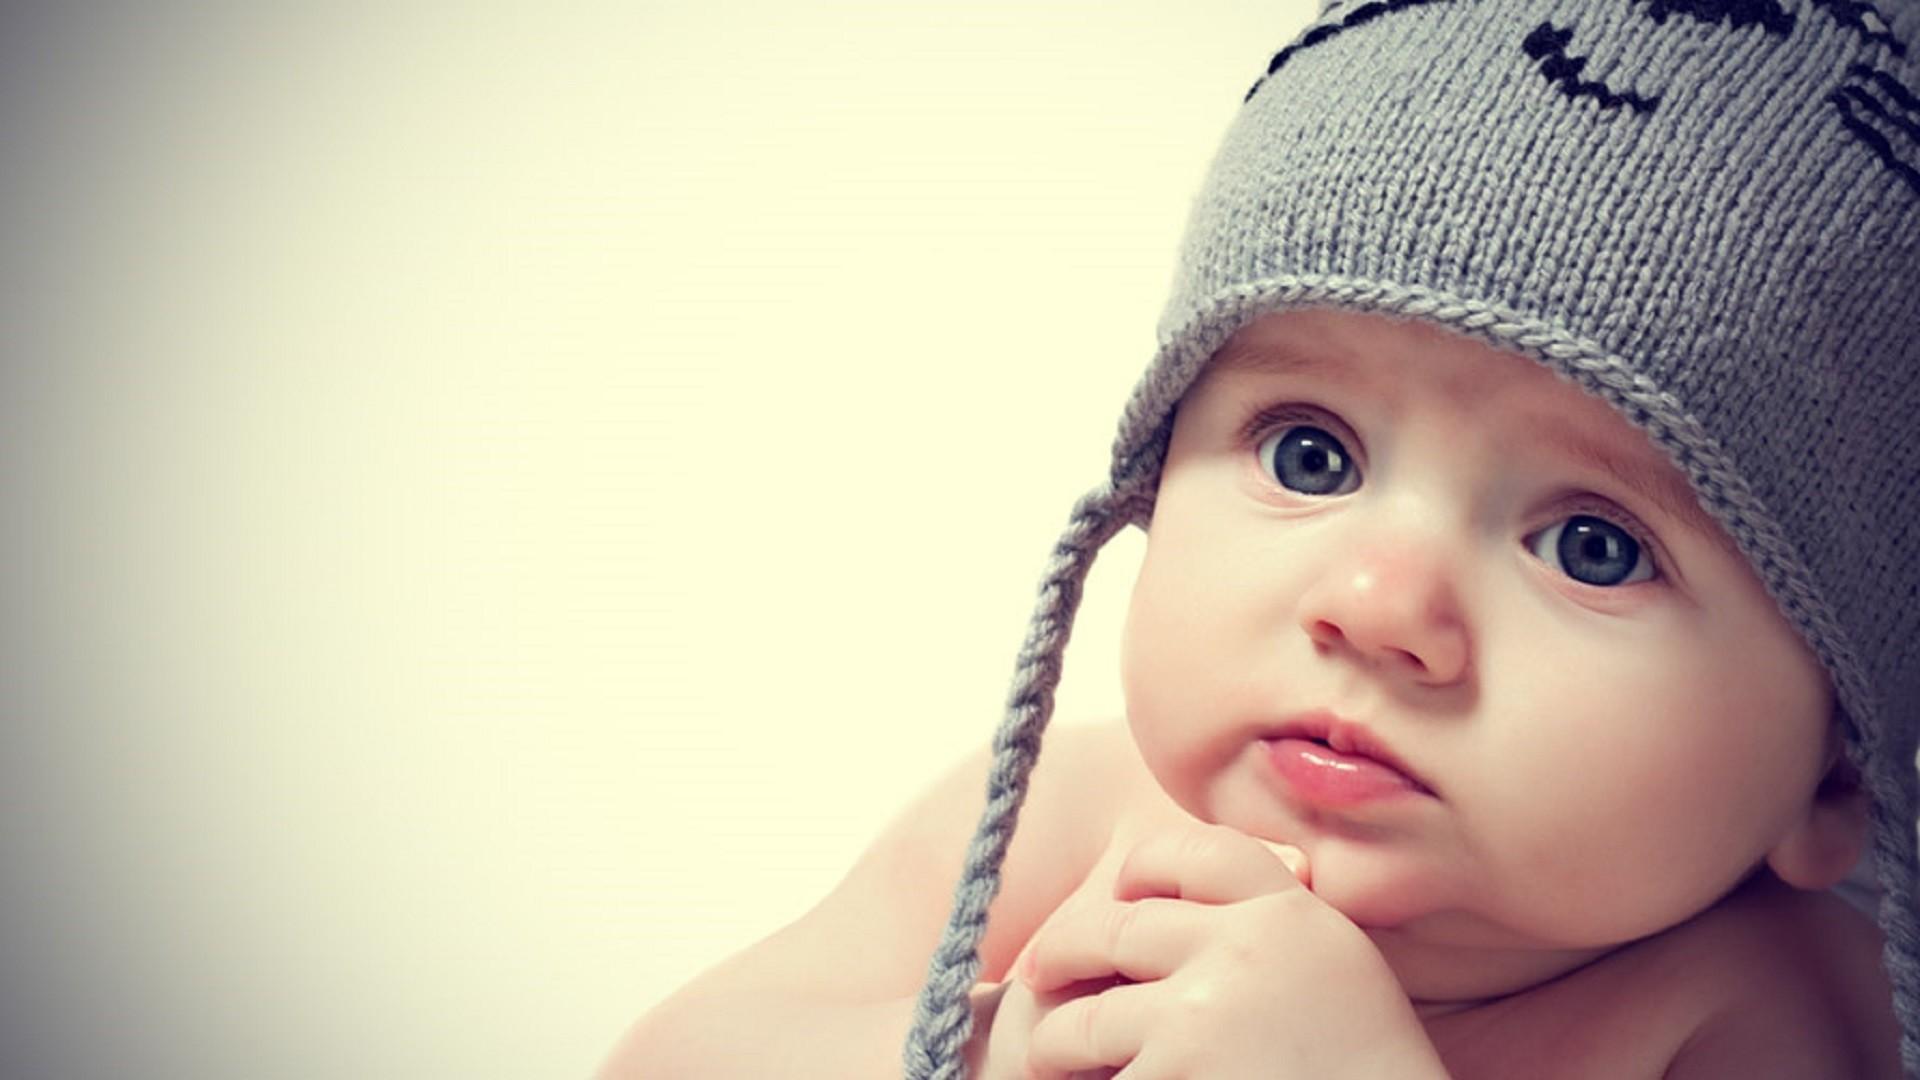 wallpaper babies ·①